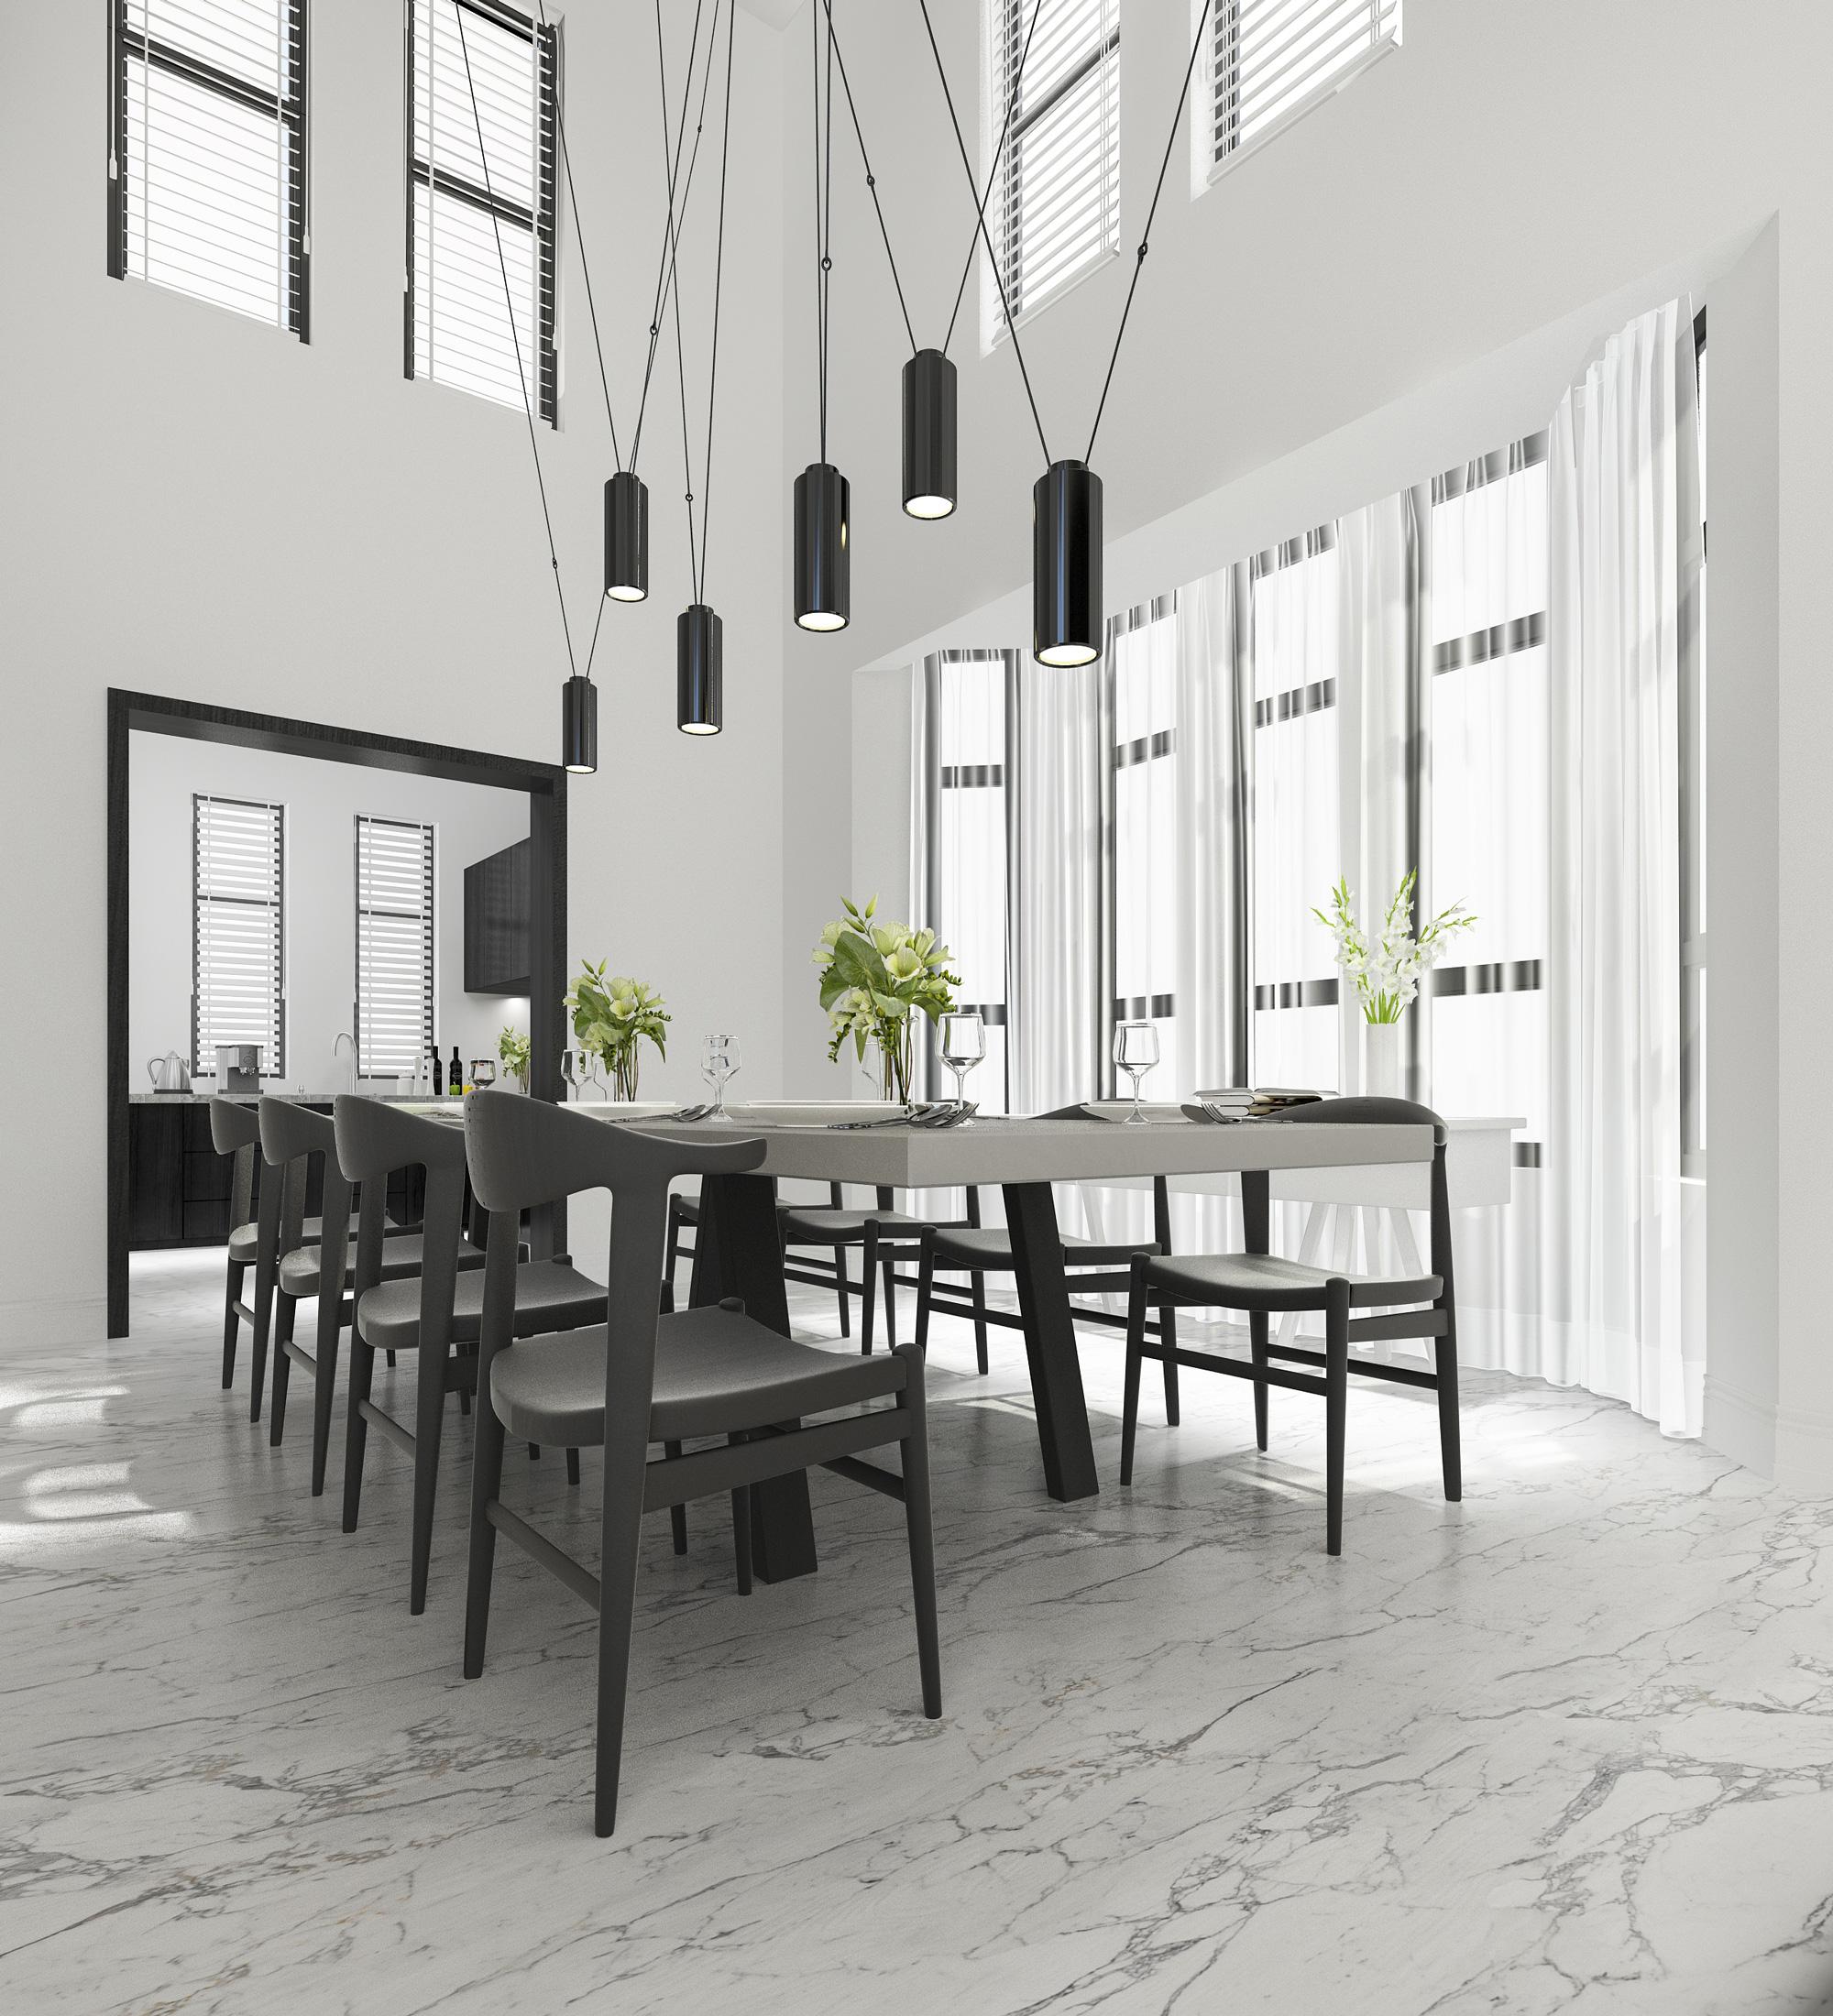 dinin room